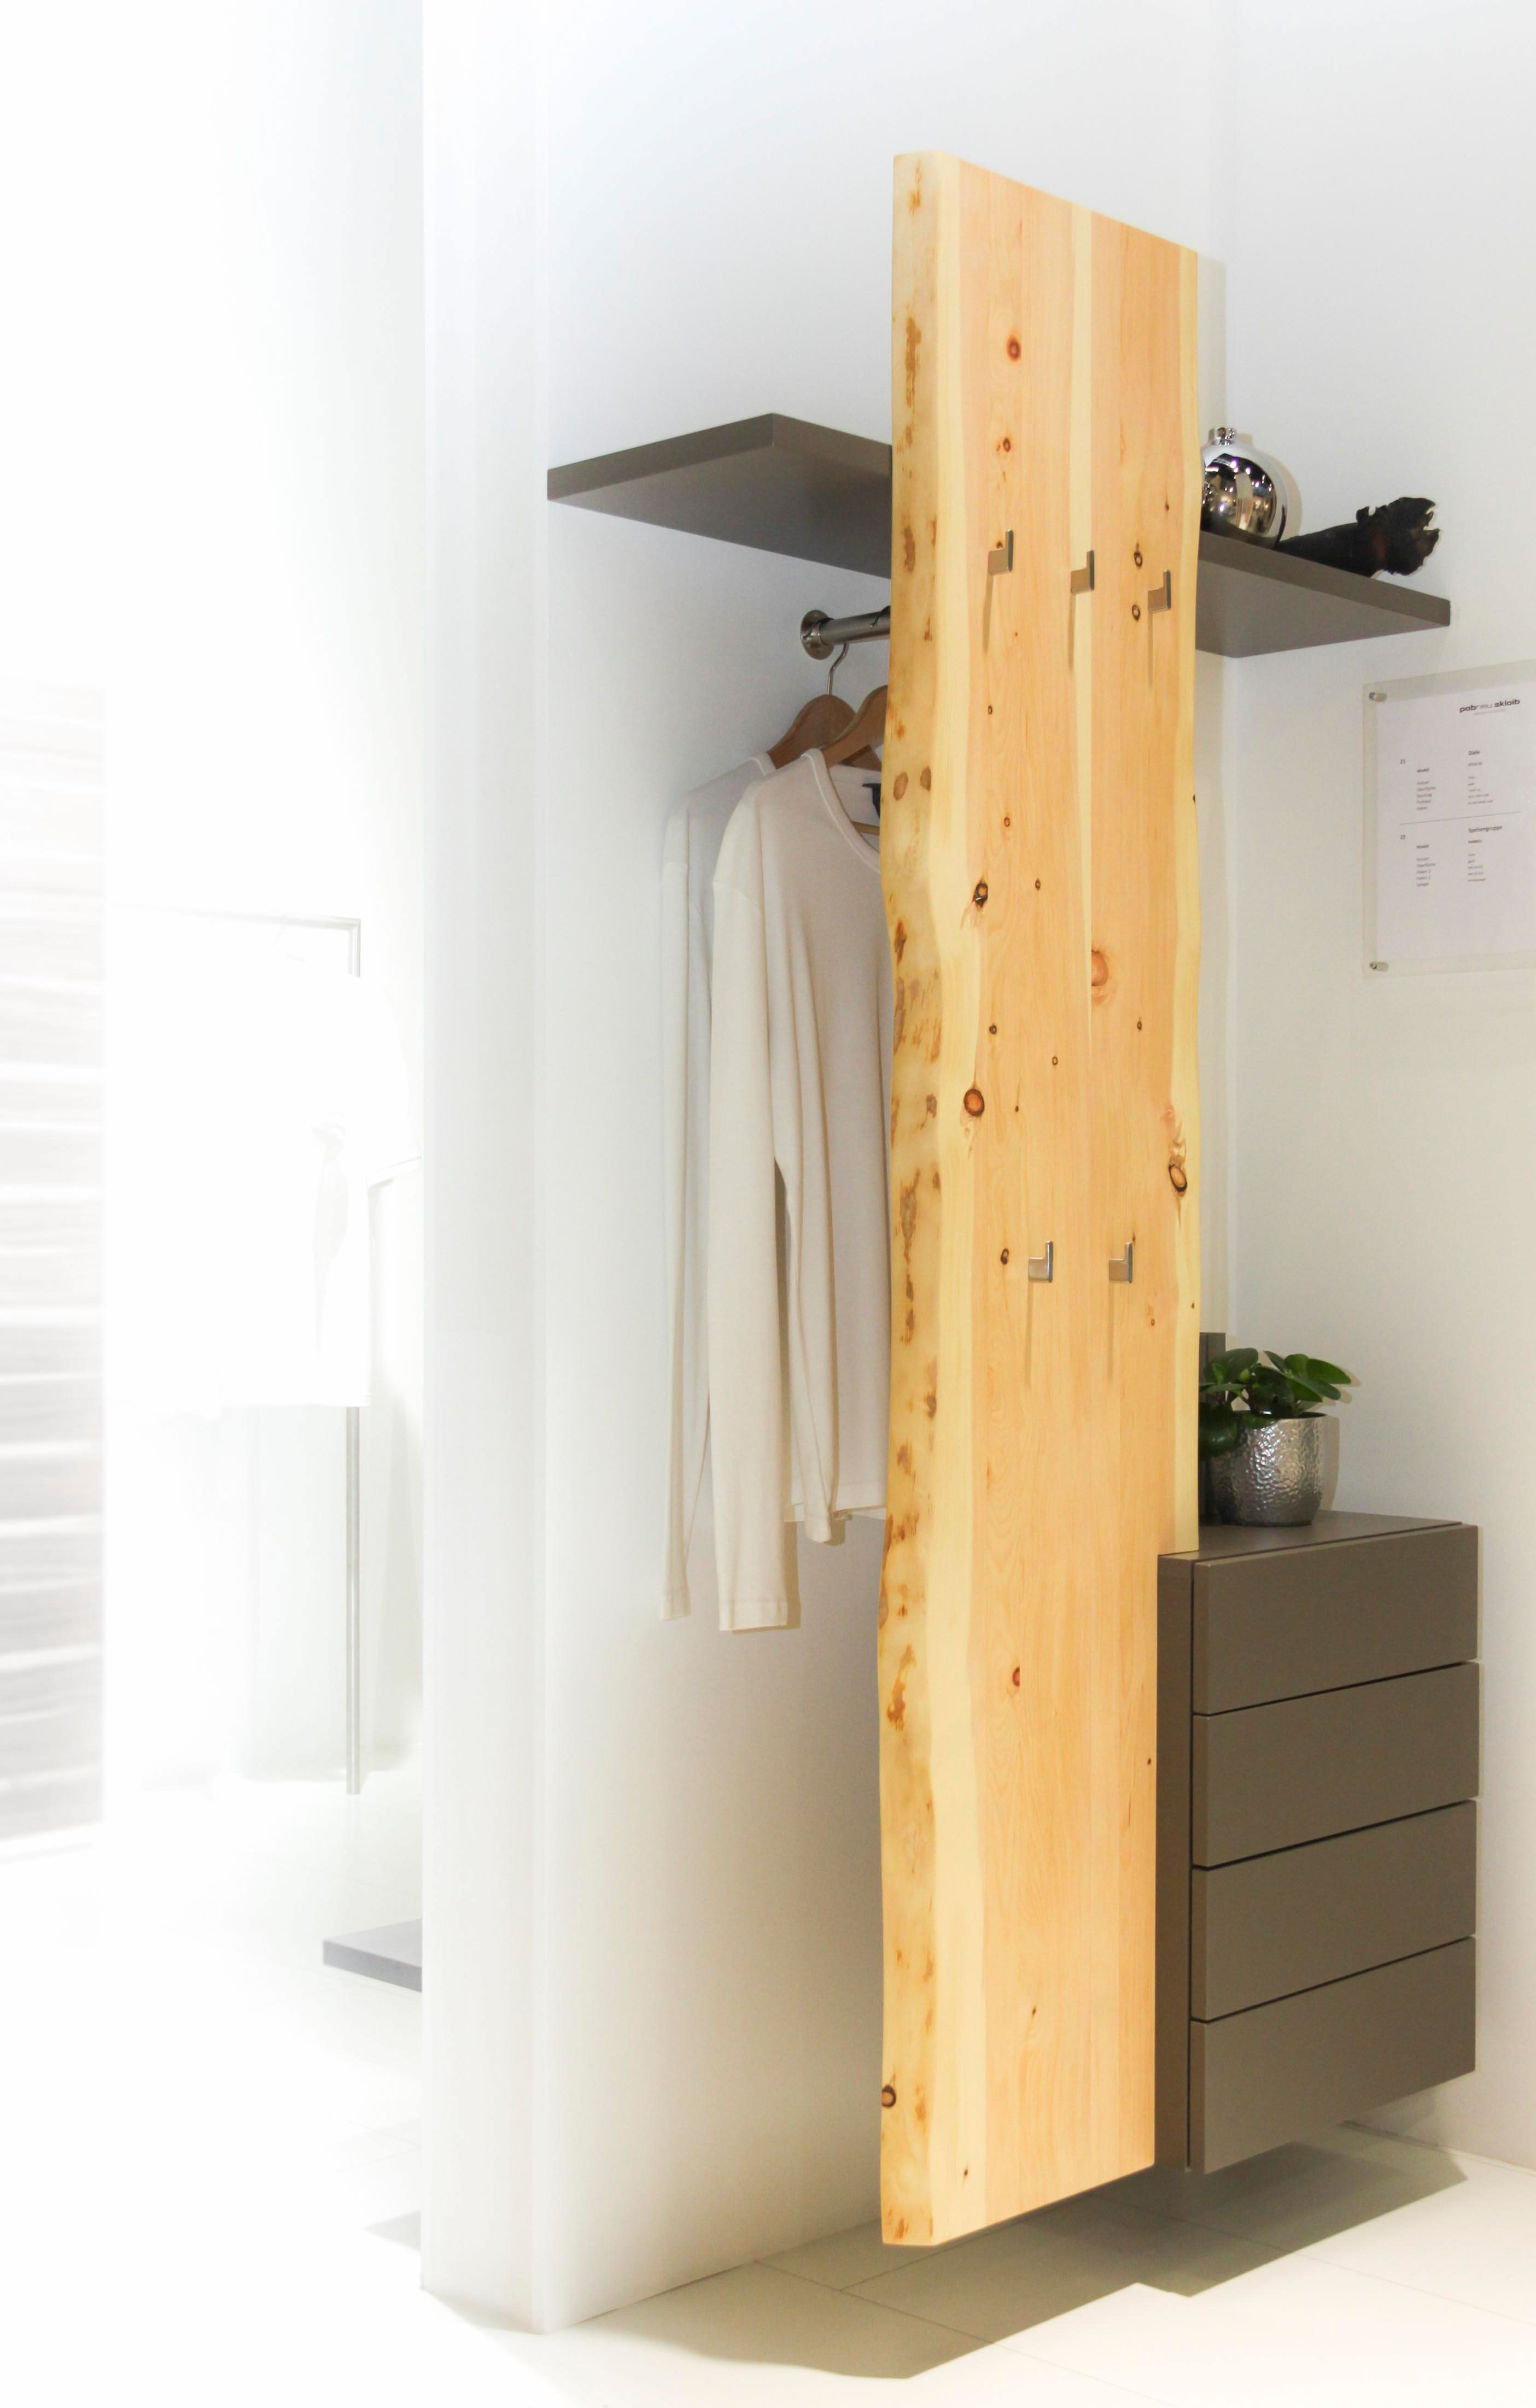 passgenau hell nat rlich die passgenaue anfertigung eines m belst cks f r eine nische ist. Black Bedroom Furniture Sets. Home Design Ideas